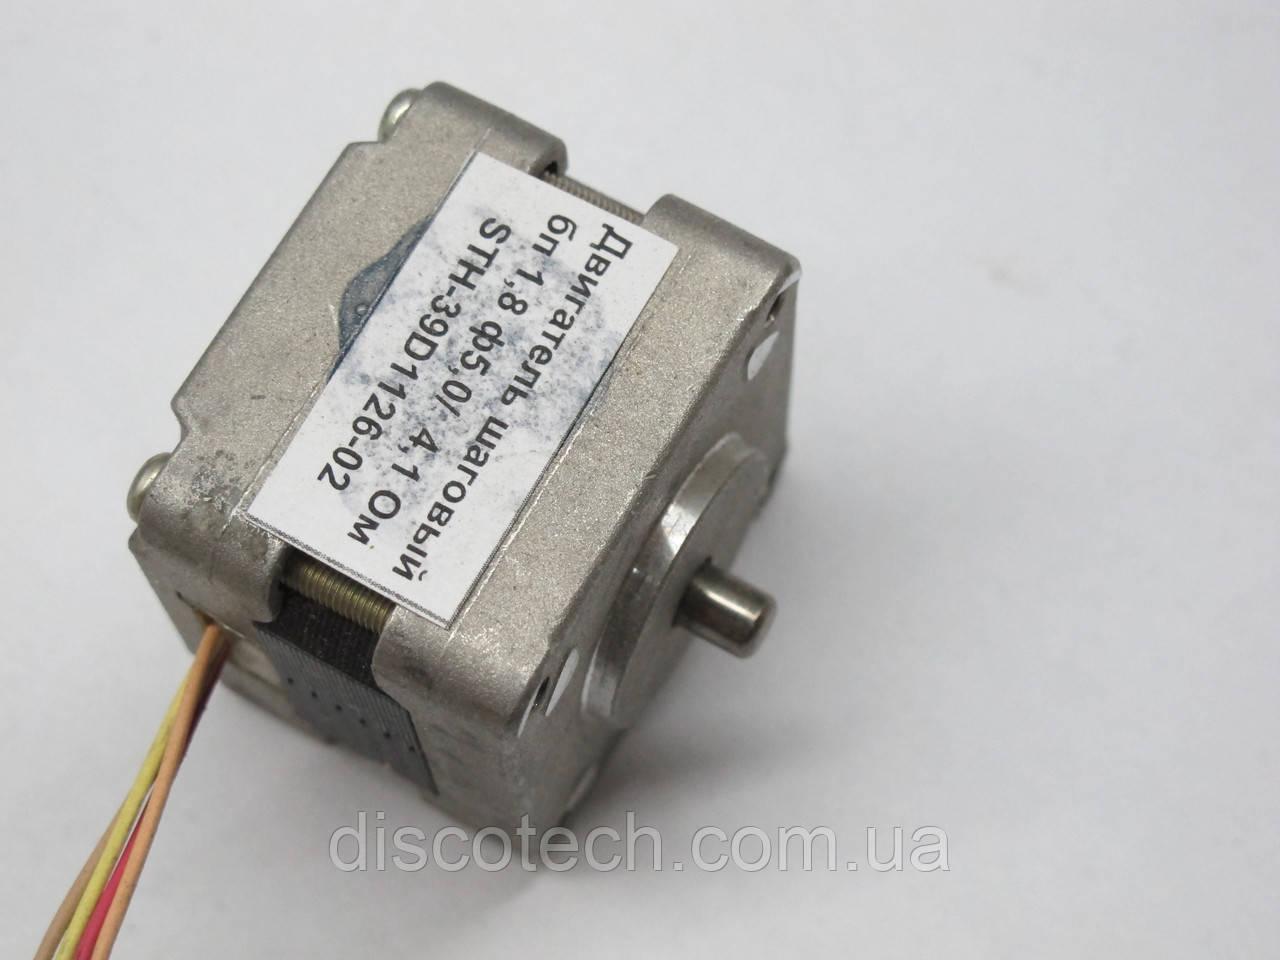 Кроковий двигун бж 1,8 ф5,0/ 4,1 Ом STH-39D1126-02